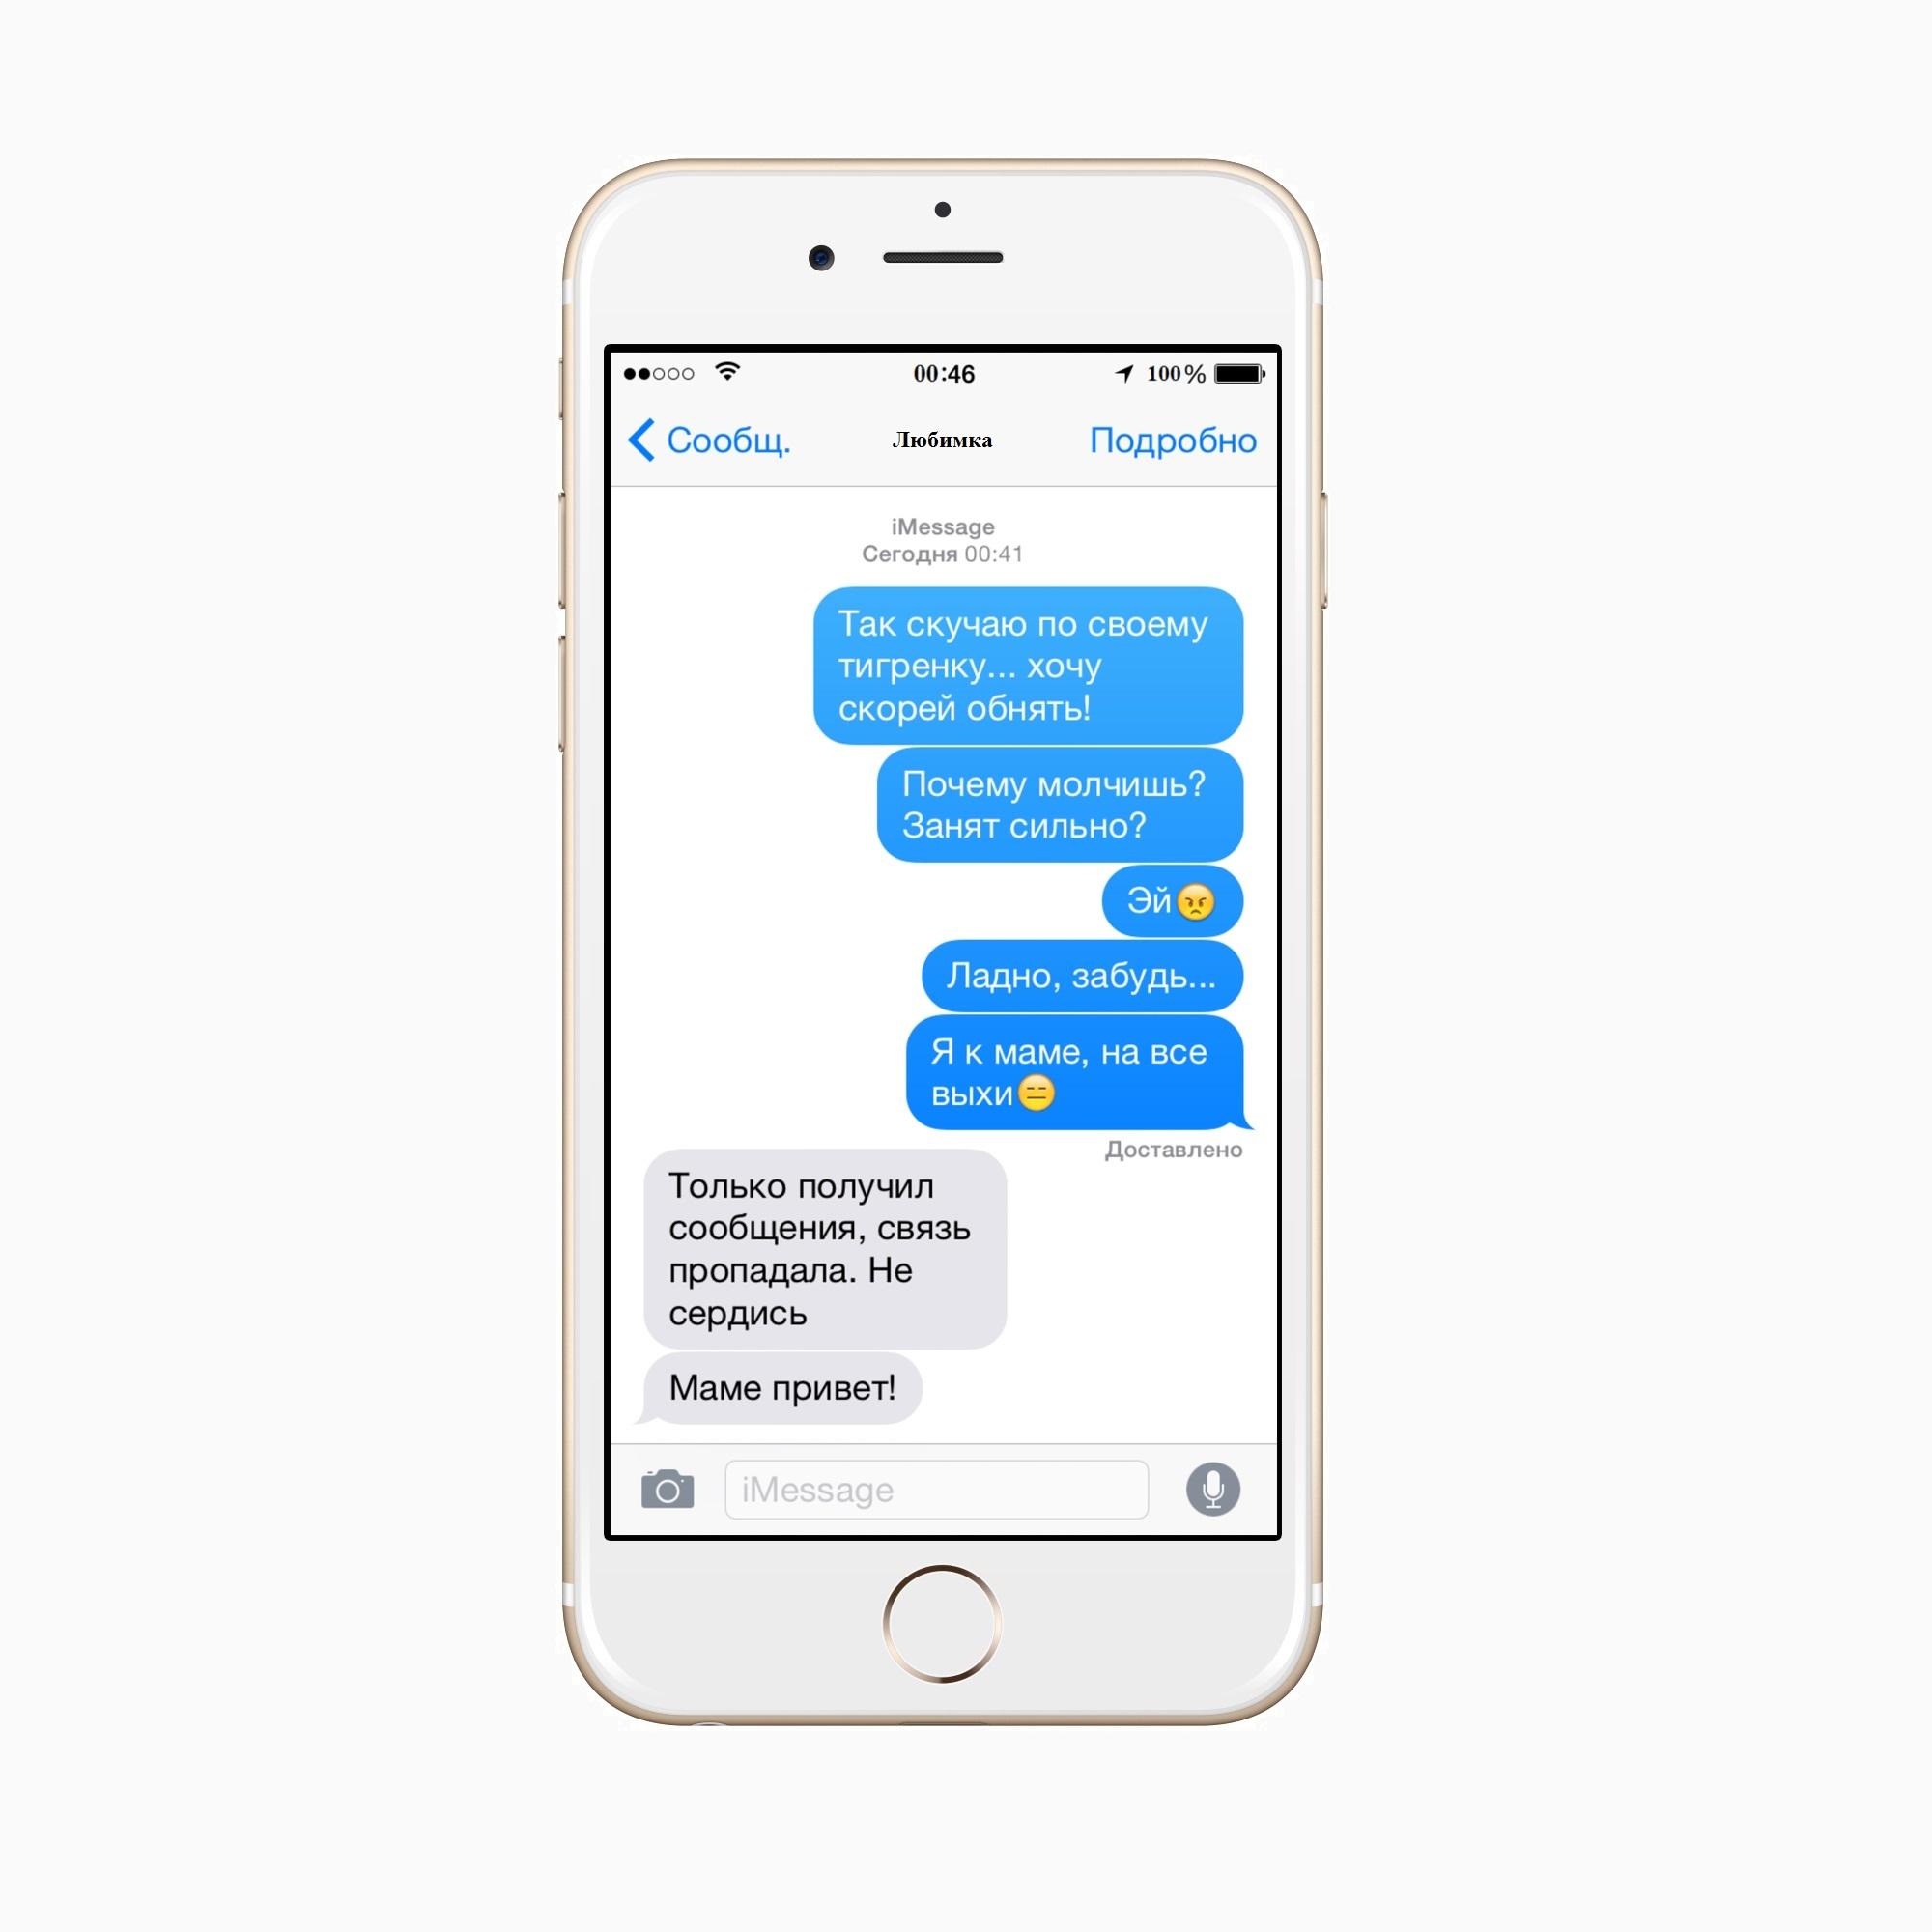 Как меняется СМС переписка после свадьбы 11 Как меняется СМС переписка после свадьбы?